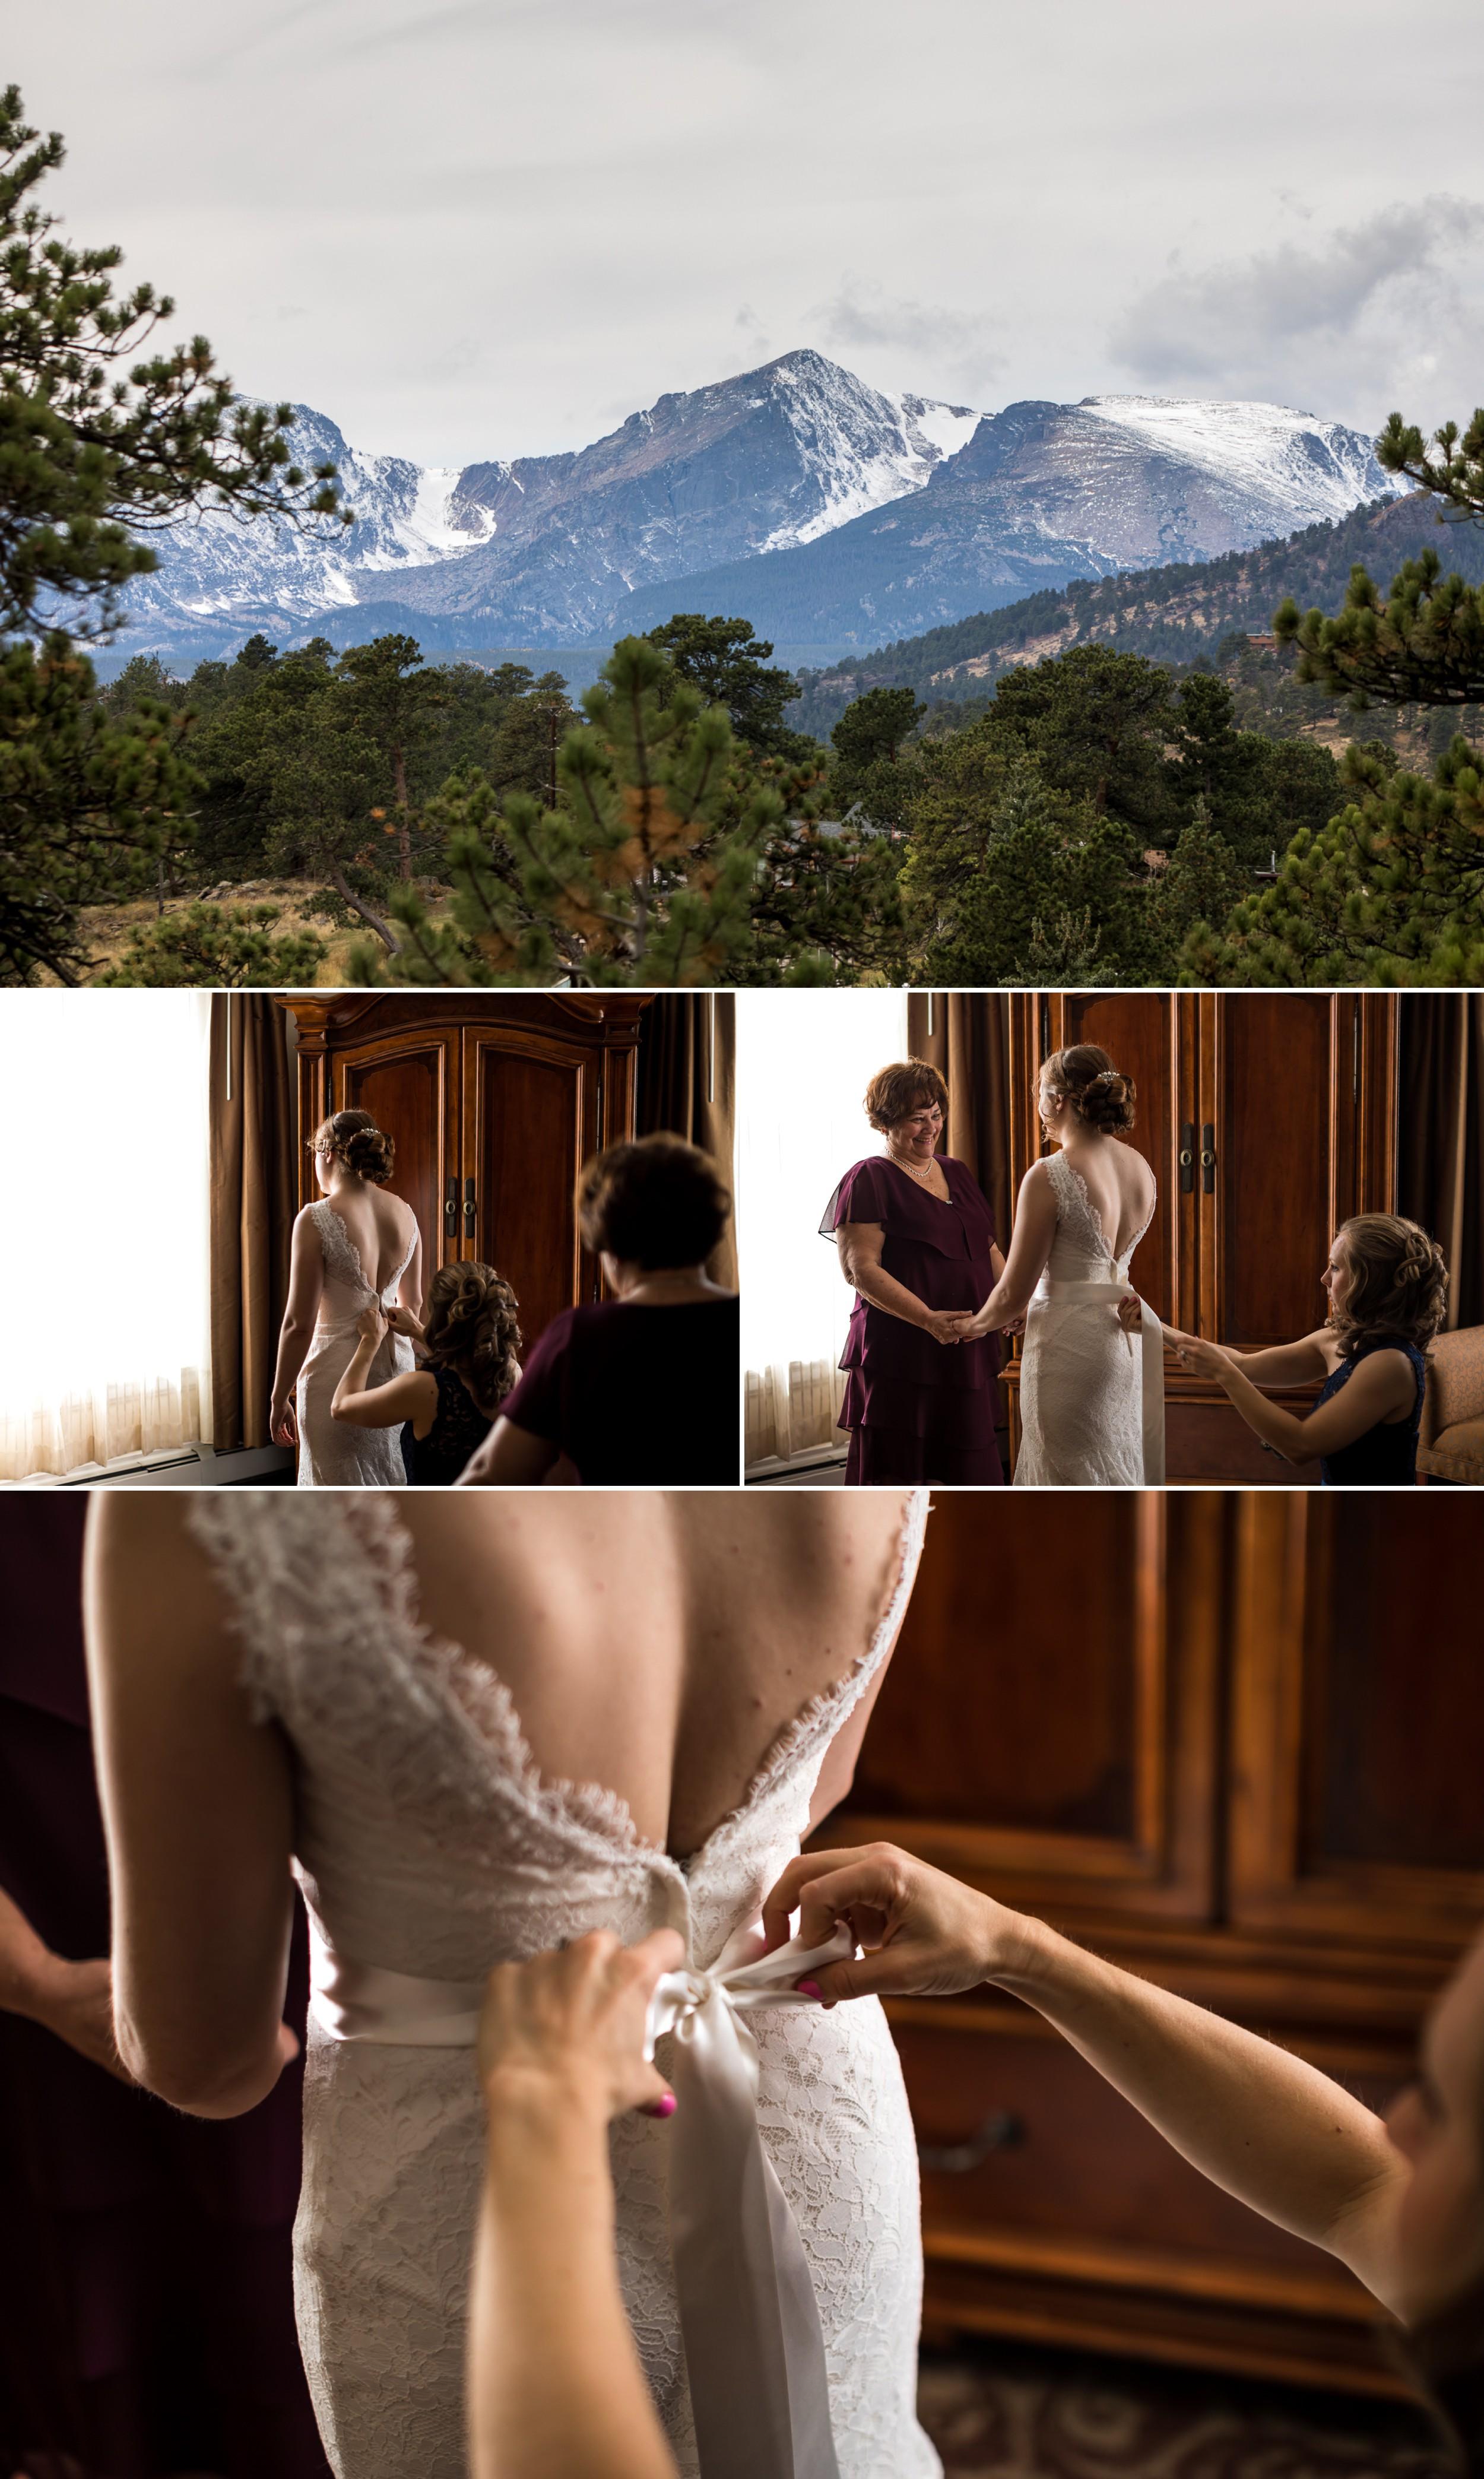 Stanley_Hotel_Estes_Park_Colorado_Wedding_Kristopher_Lindsay_ 1.jpg